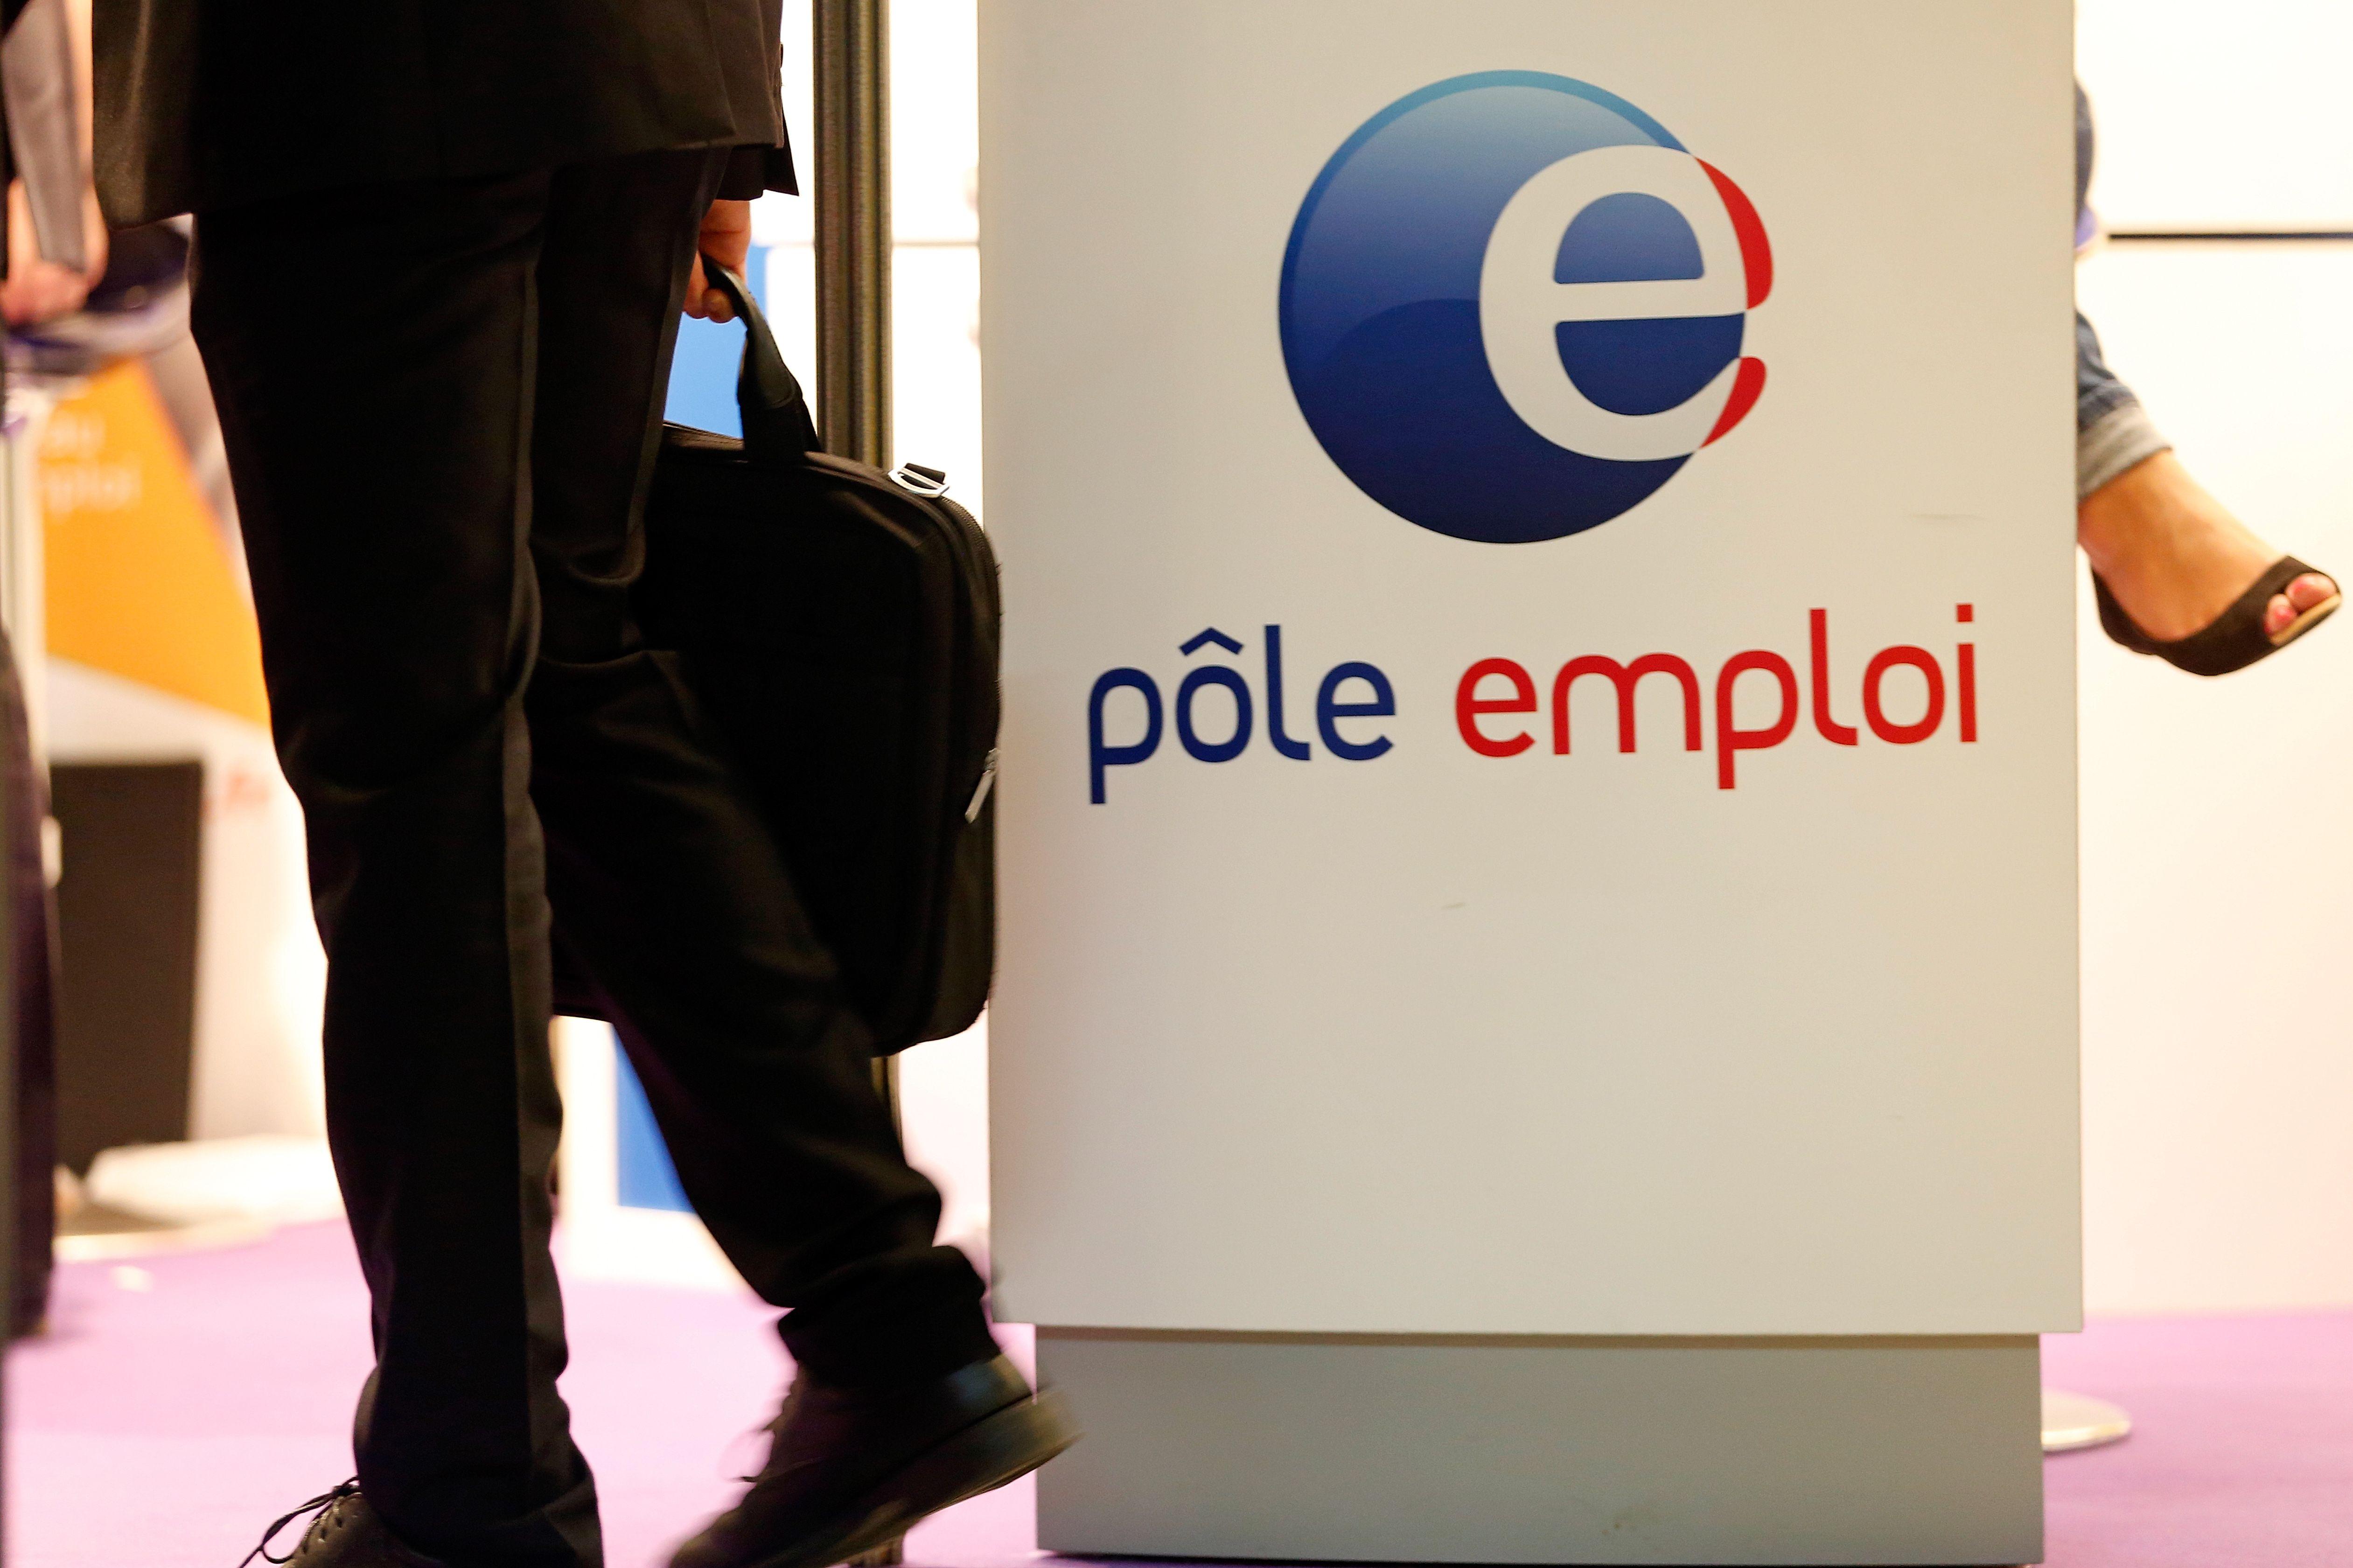 Taux de chômage structurel à 9% : Emmanuel Macron nous dit-il vraiment tout sur les conclusions qu'il tire de cette très mauvaise nouvelle ?